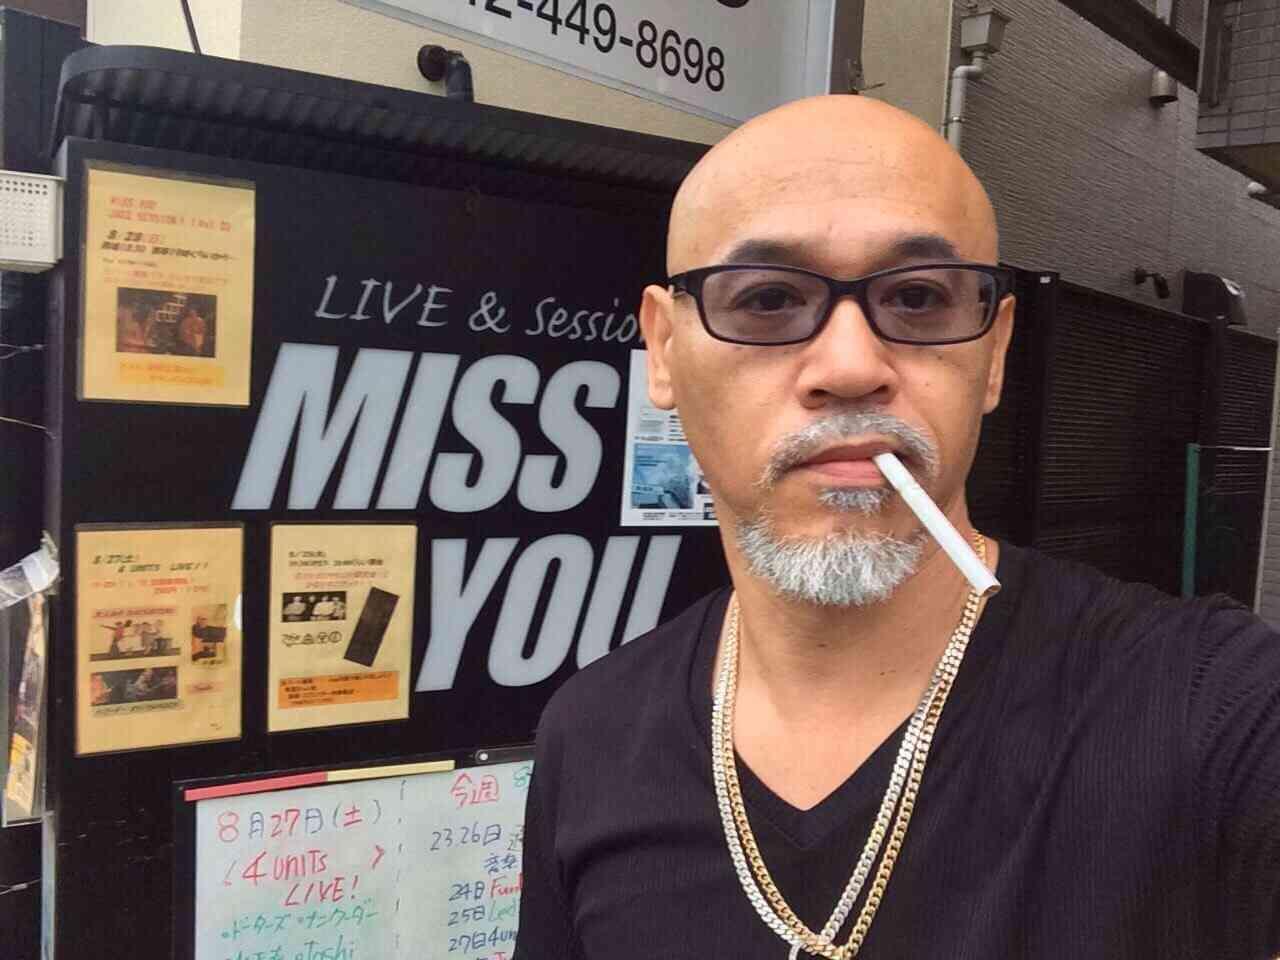 松山千春のものまねタレント・千春Mを逮捕、「肖像権侵害」と知人恐喝容疑